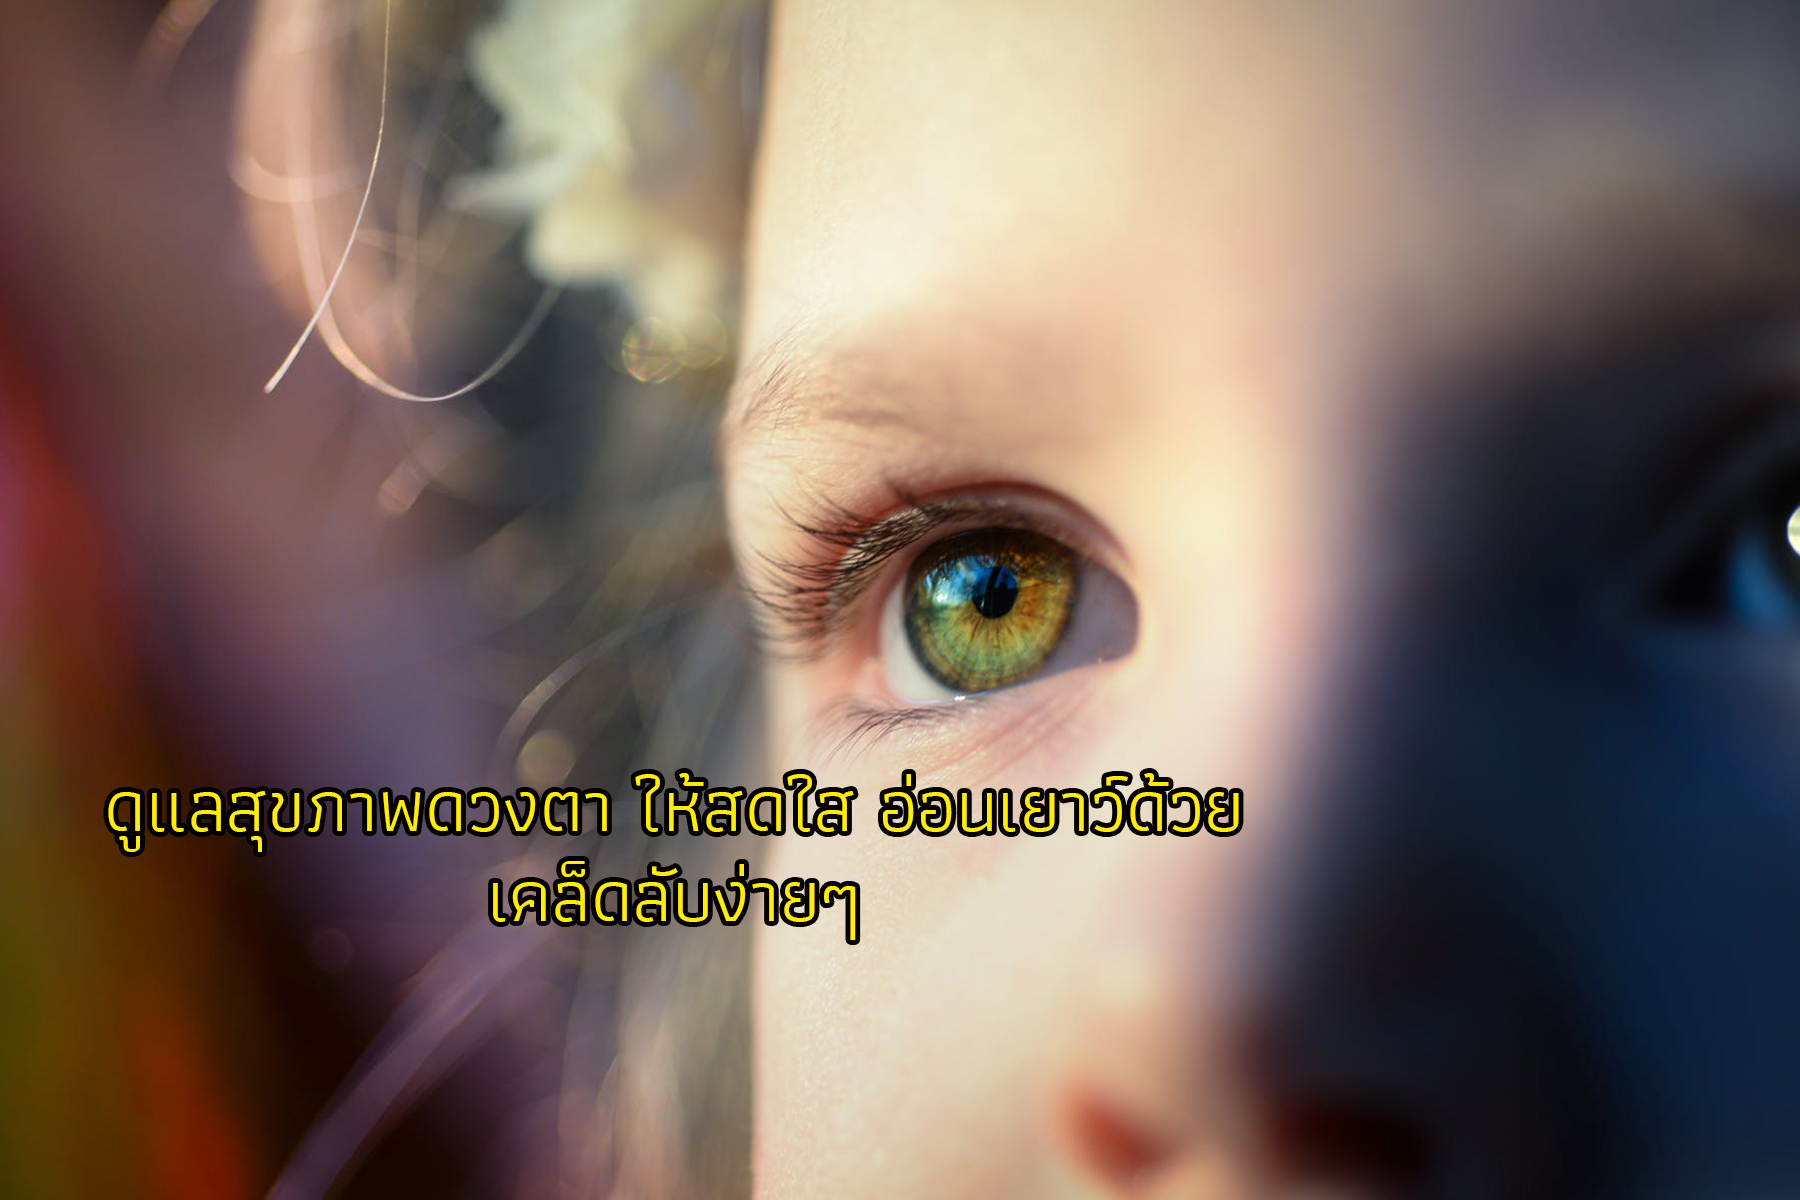 ดูแลสุขภาพดวงตา ให้สดใส อ่อนเยาว์ด้วยเคล็ดลับง่ายๆข่าวน่ารู้ อัพเดทสถานการณ์ เรื่องเล่า สาระความรู้ คู่ความบันเทิง